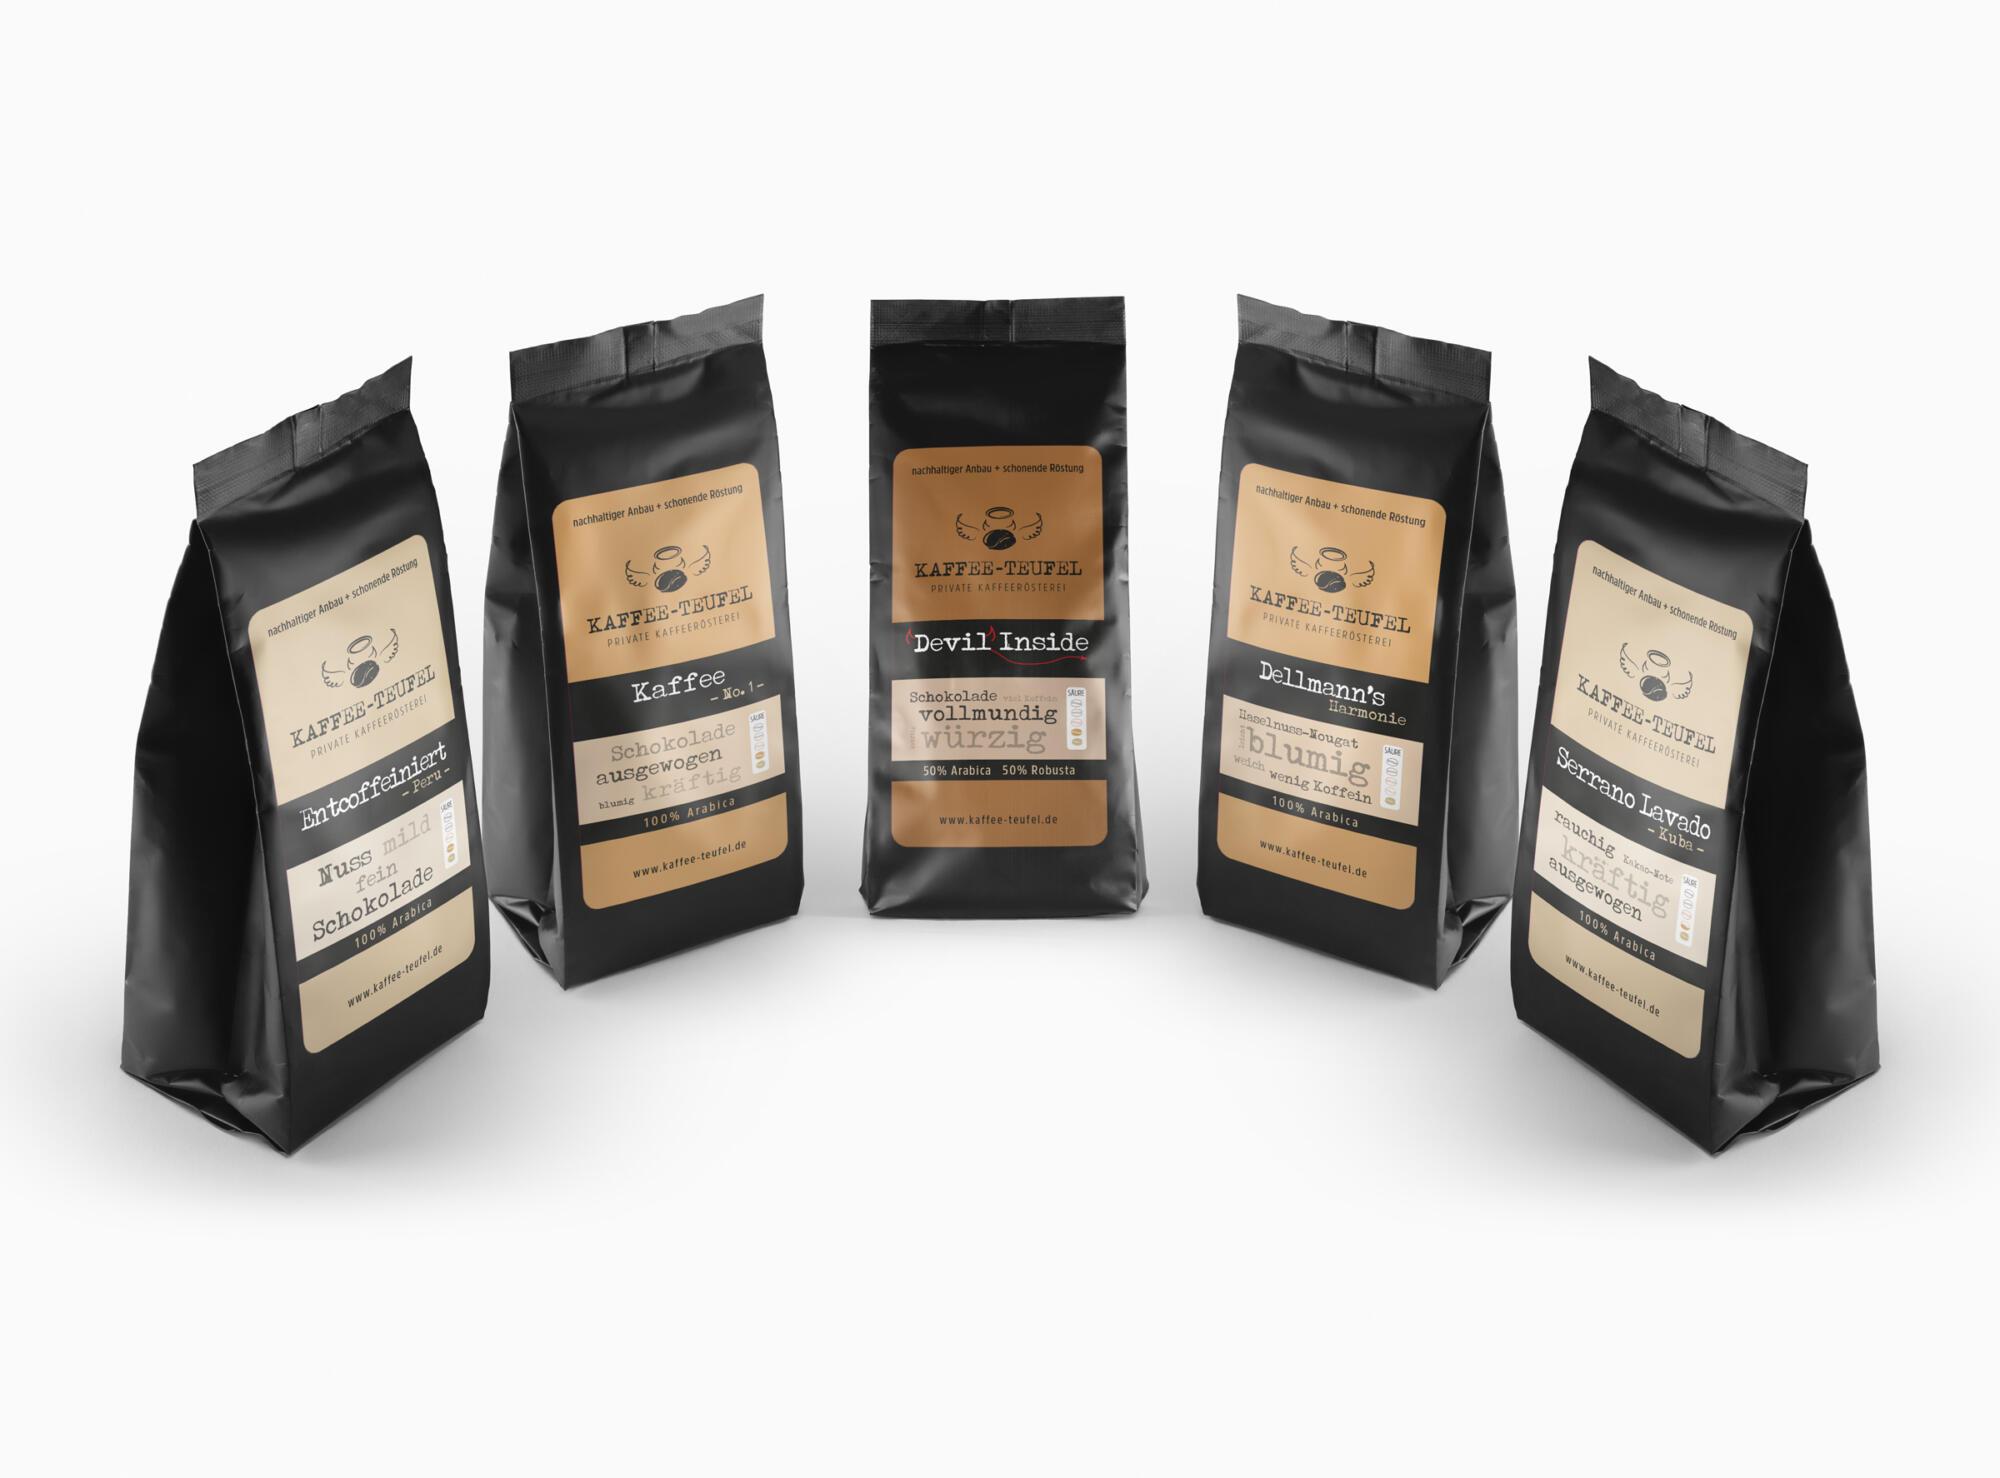 KAFFEE TEUFEL Produktdesign